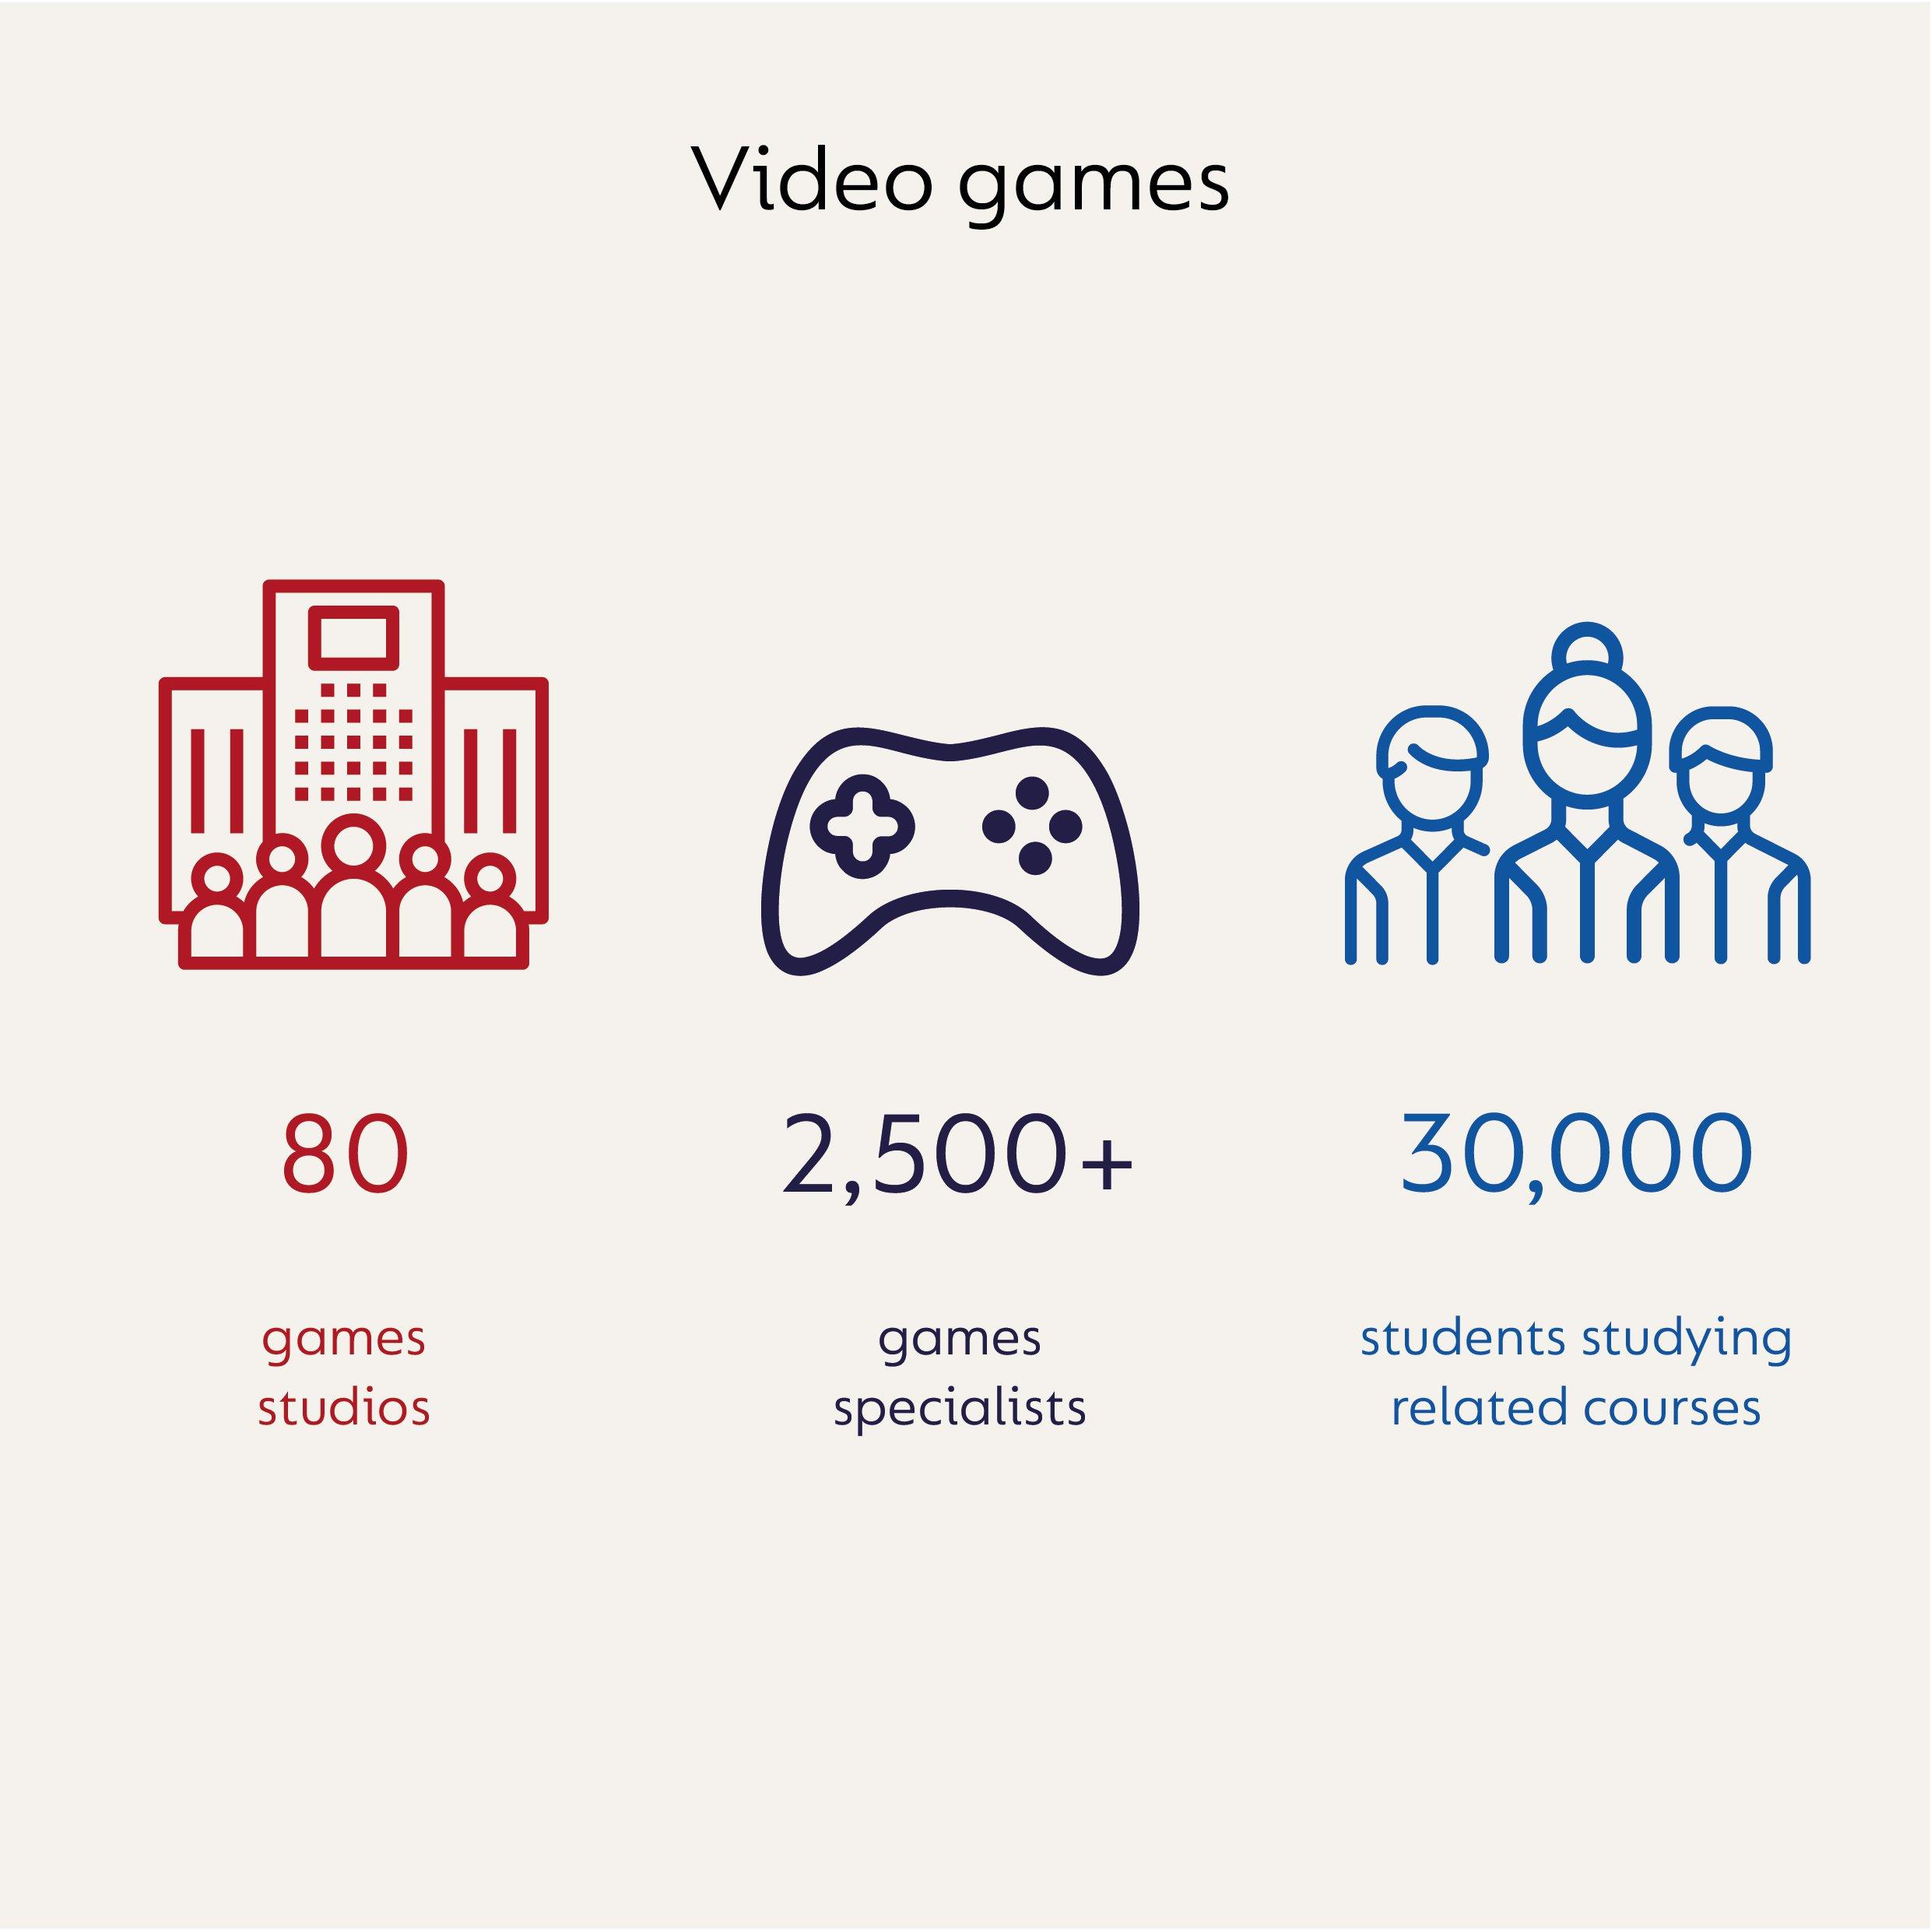 viedo games infographics2-11.jpg